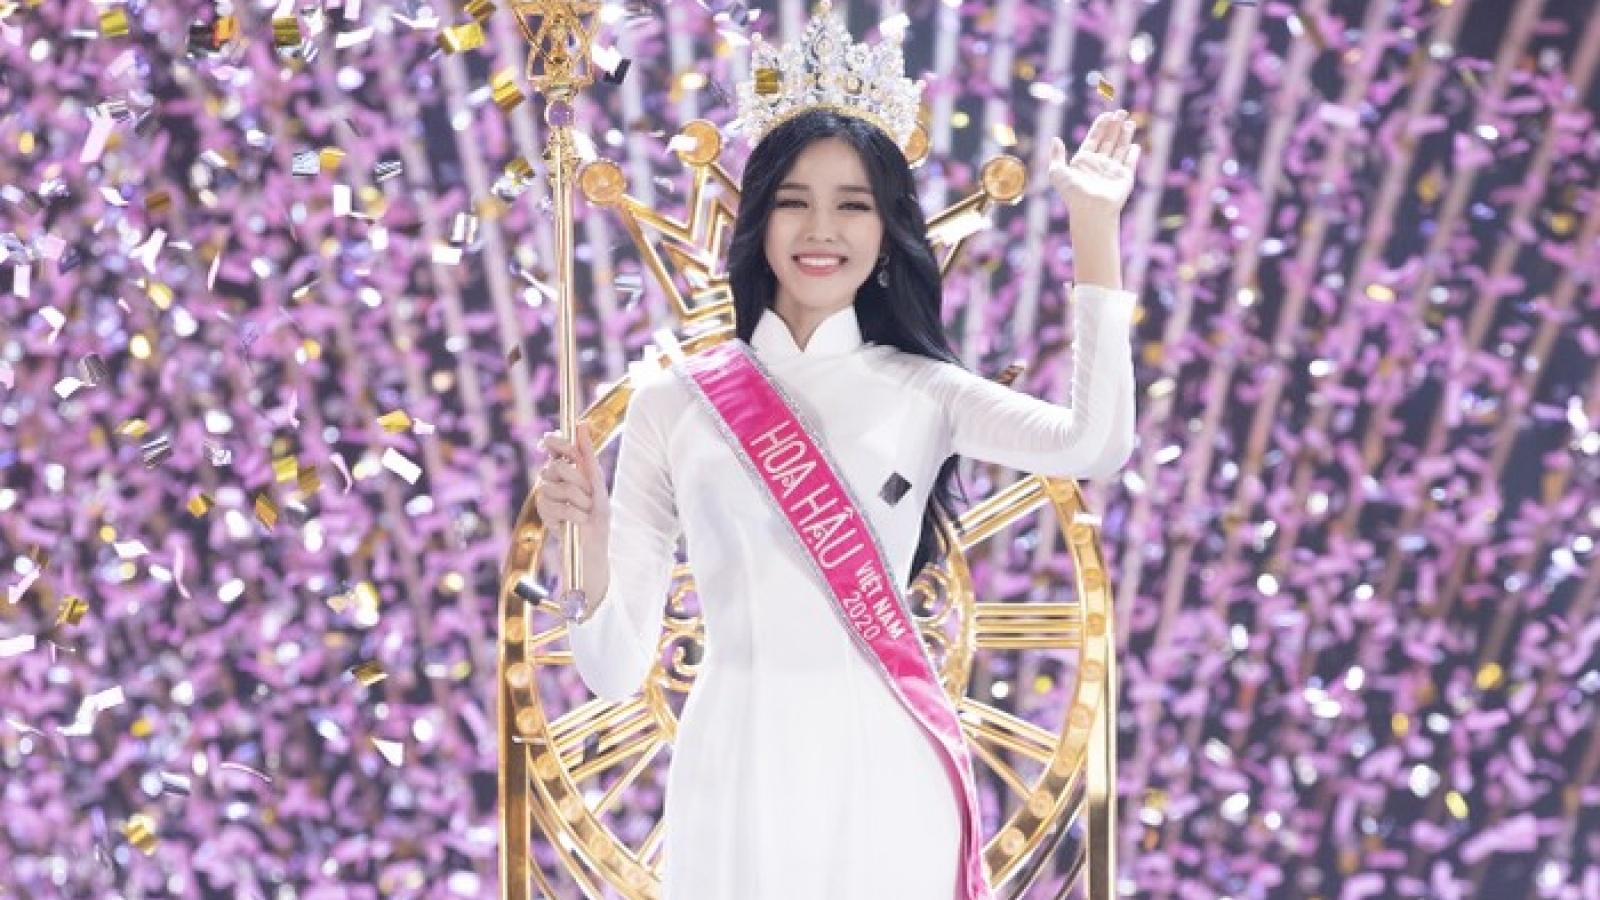 Chuyện showbiz: Tân Hoa hậu Việt Nam lên tiếng về phát ngôn thiếu chuẩn mực trên MXH